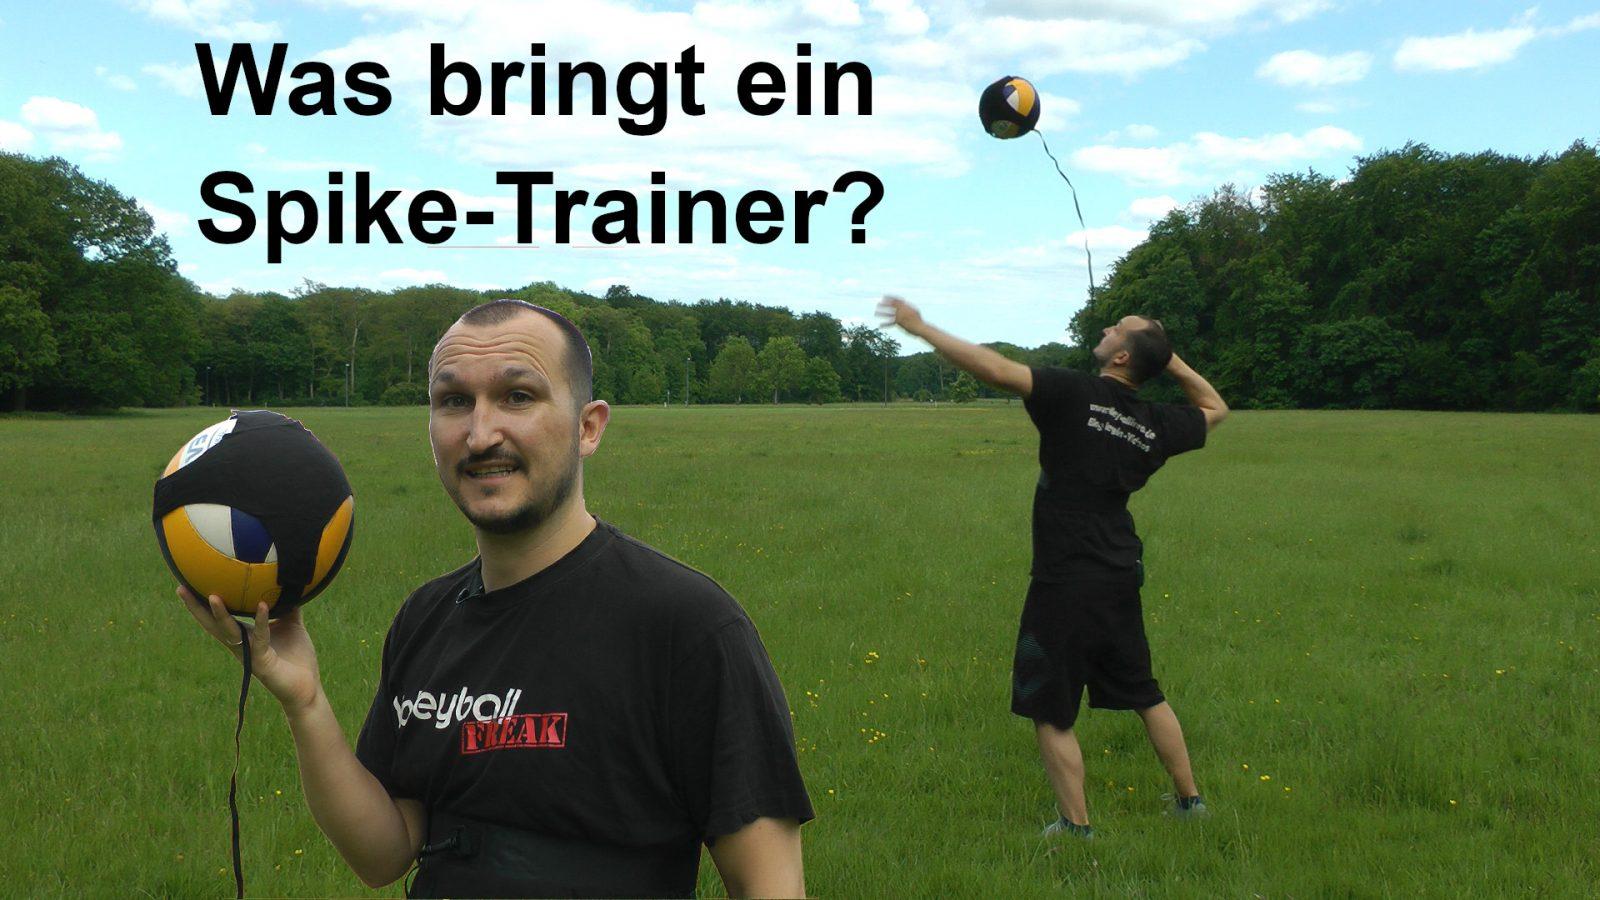 Was bringt ein Spike-Trainer?